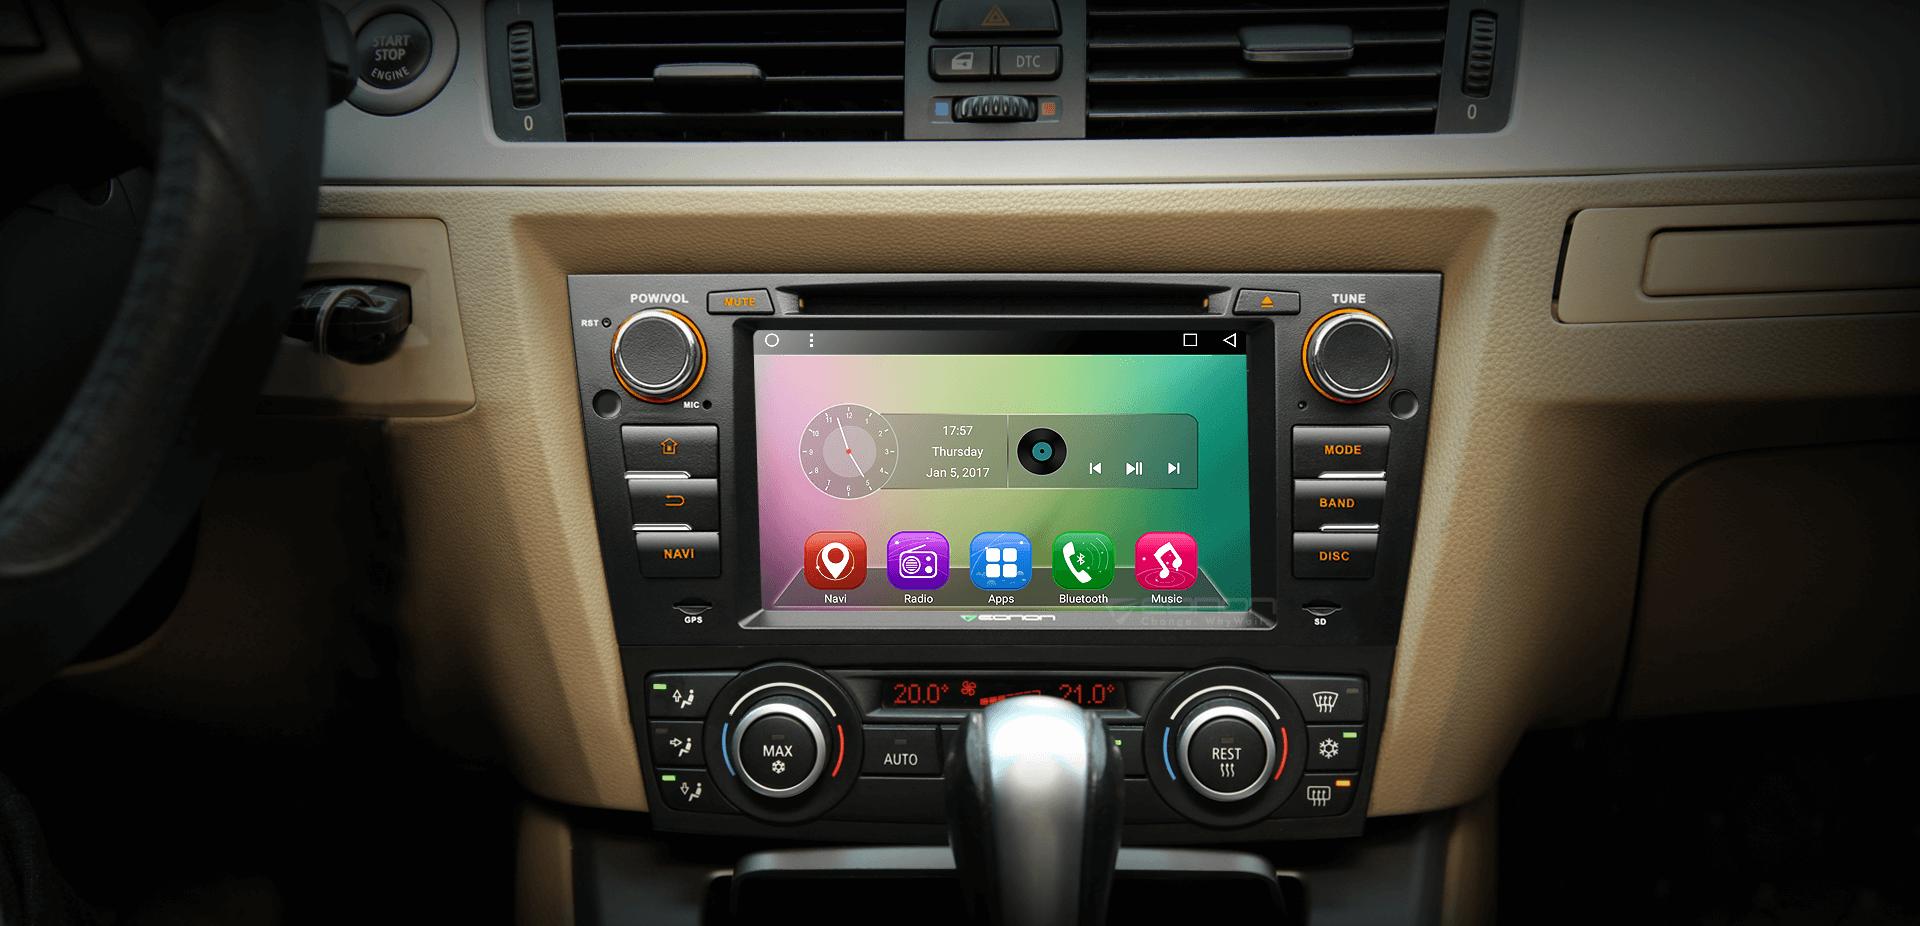 Eonon GA7165 | BMW Android 6 0 Car DVD | BMW E90/E91/E92/E93